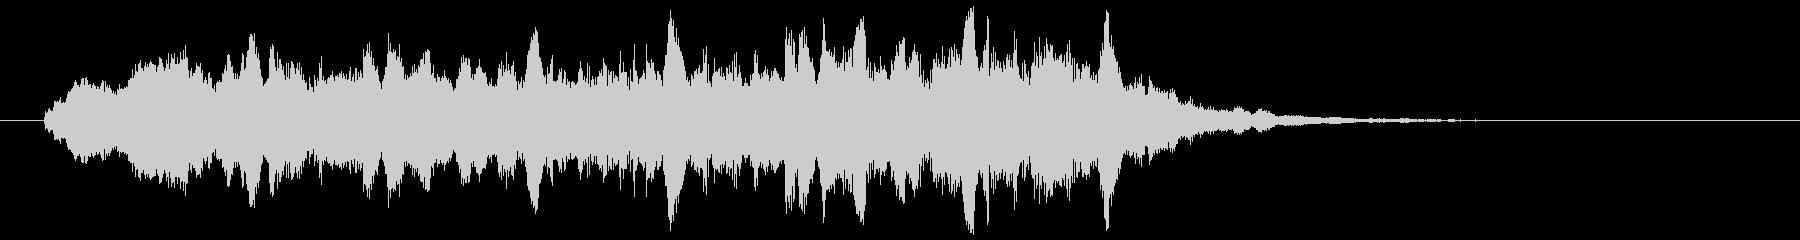 ピピピ(電子音、ロボット、動作音)の未再生の波形